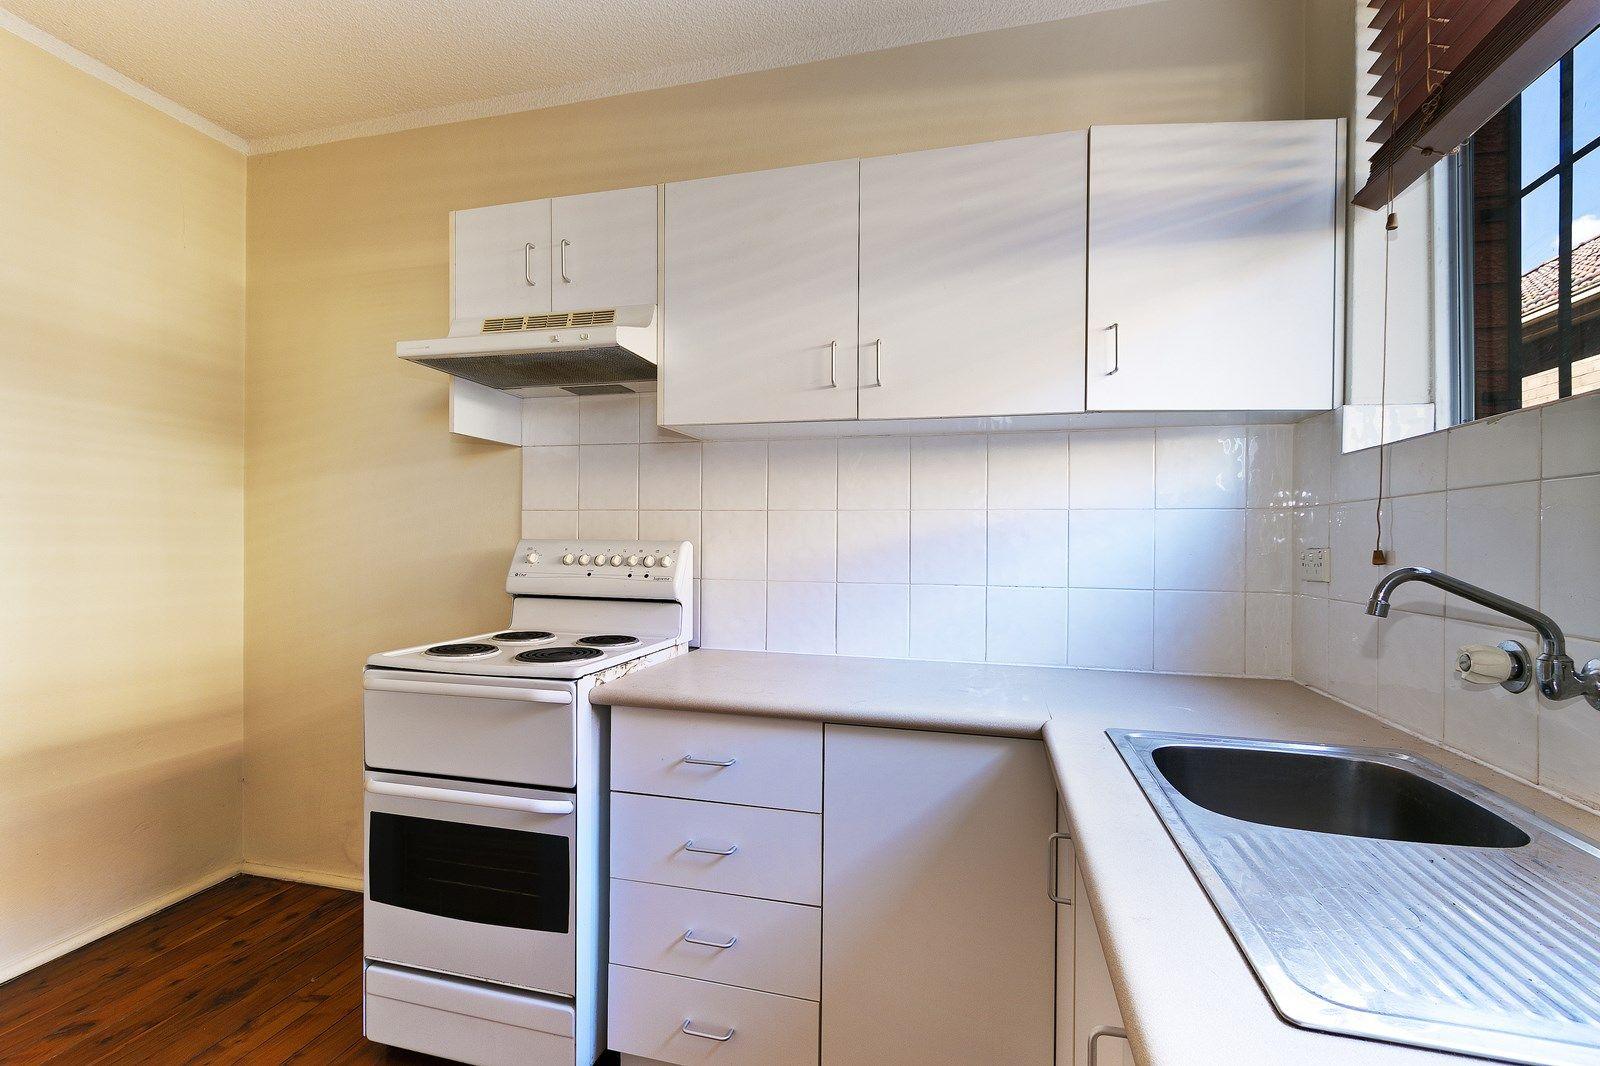 4/7 Henson Street, Marrickville NSW 2204, Image 2